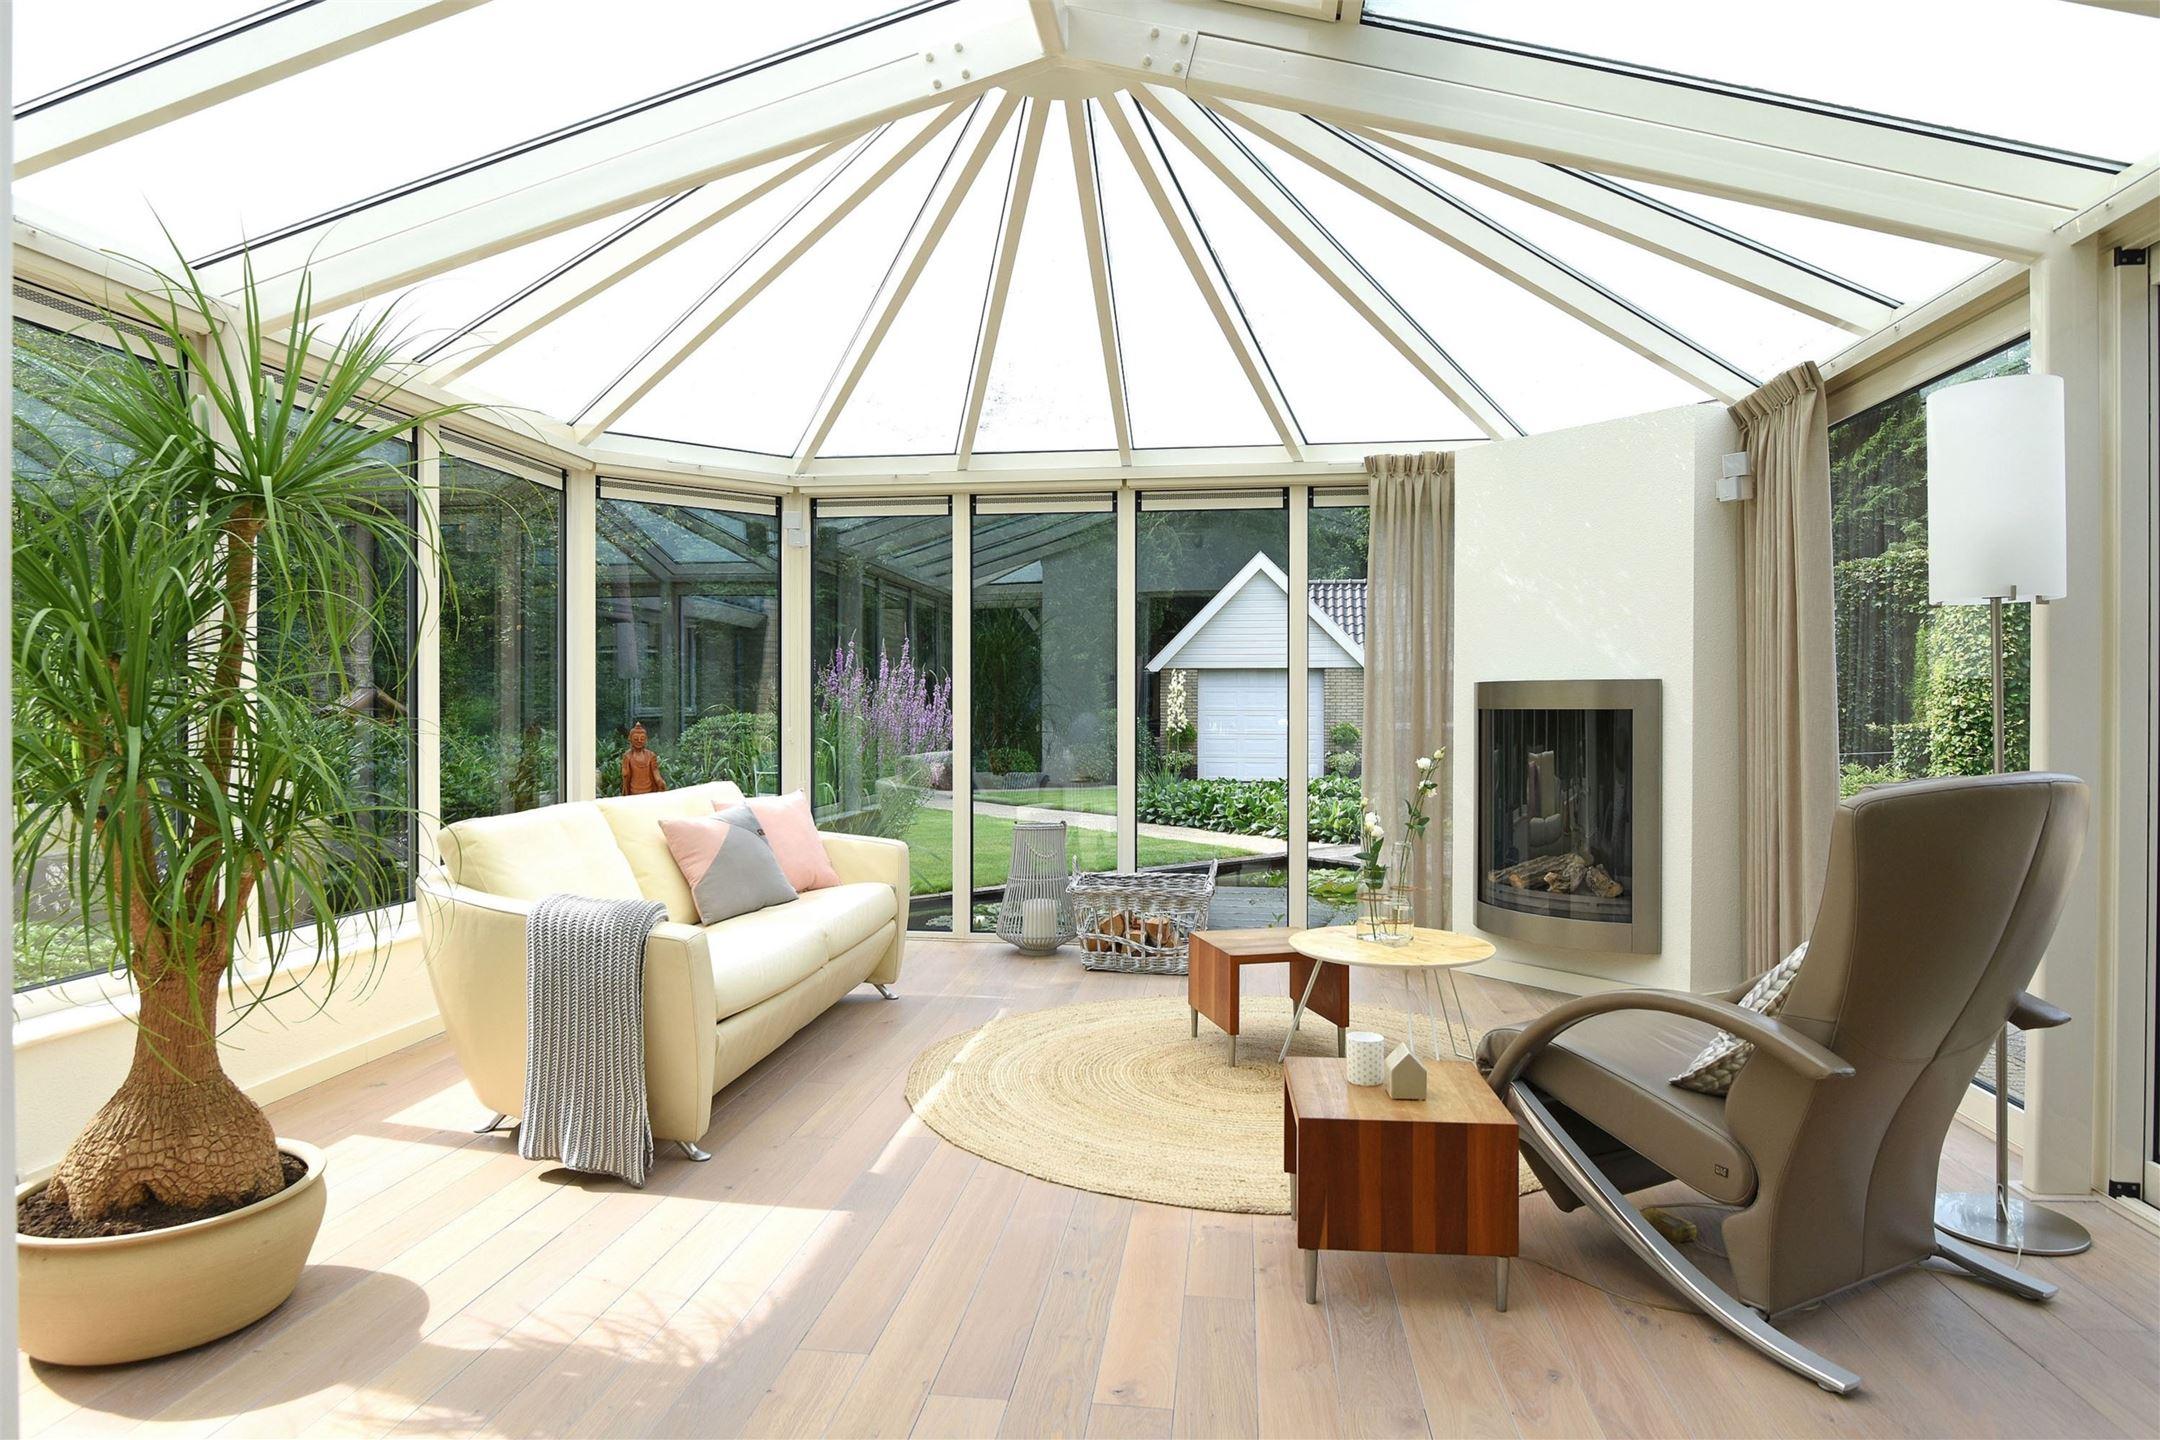 зимний сад стеклянная крыша купол камин комнатное дерево